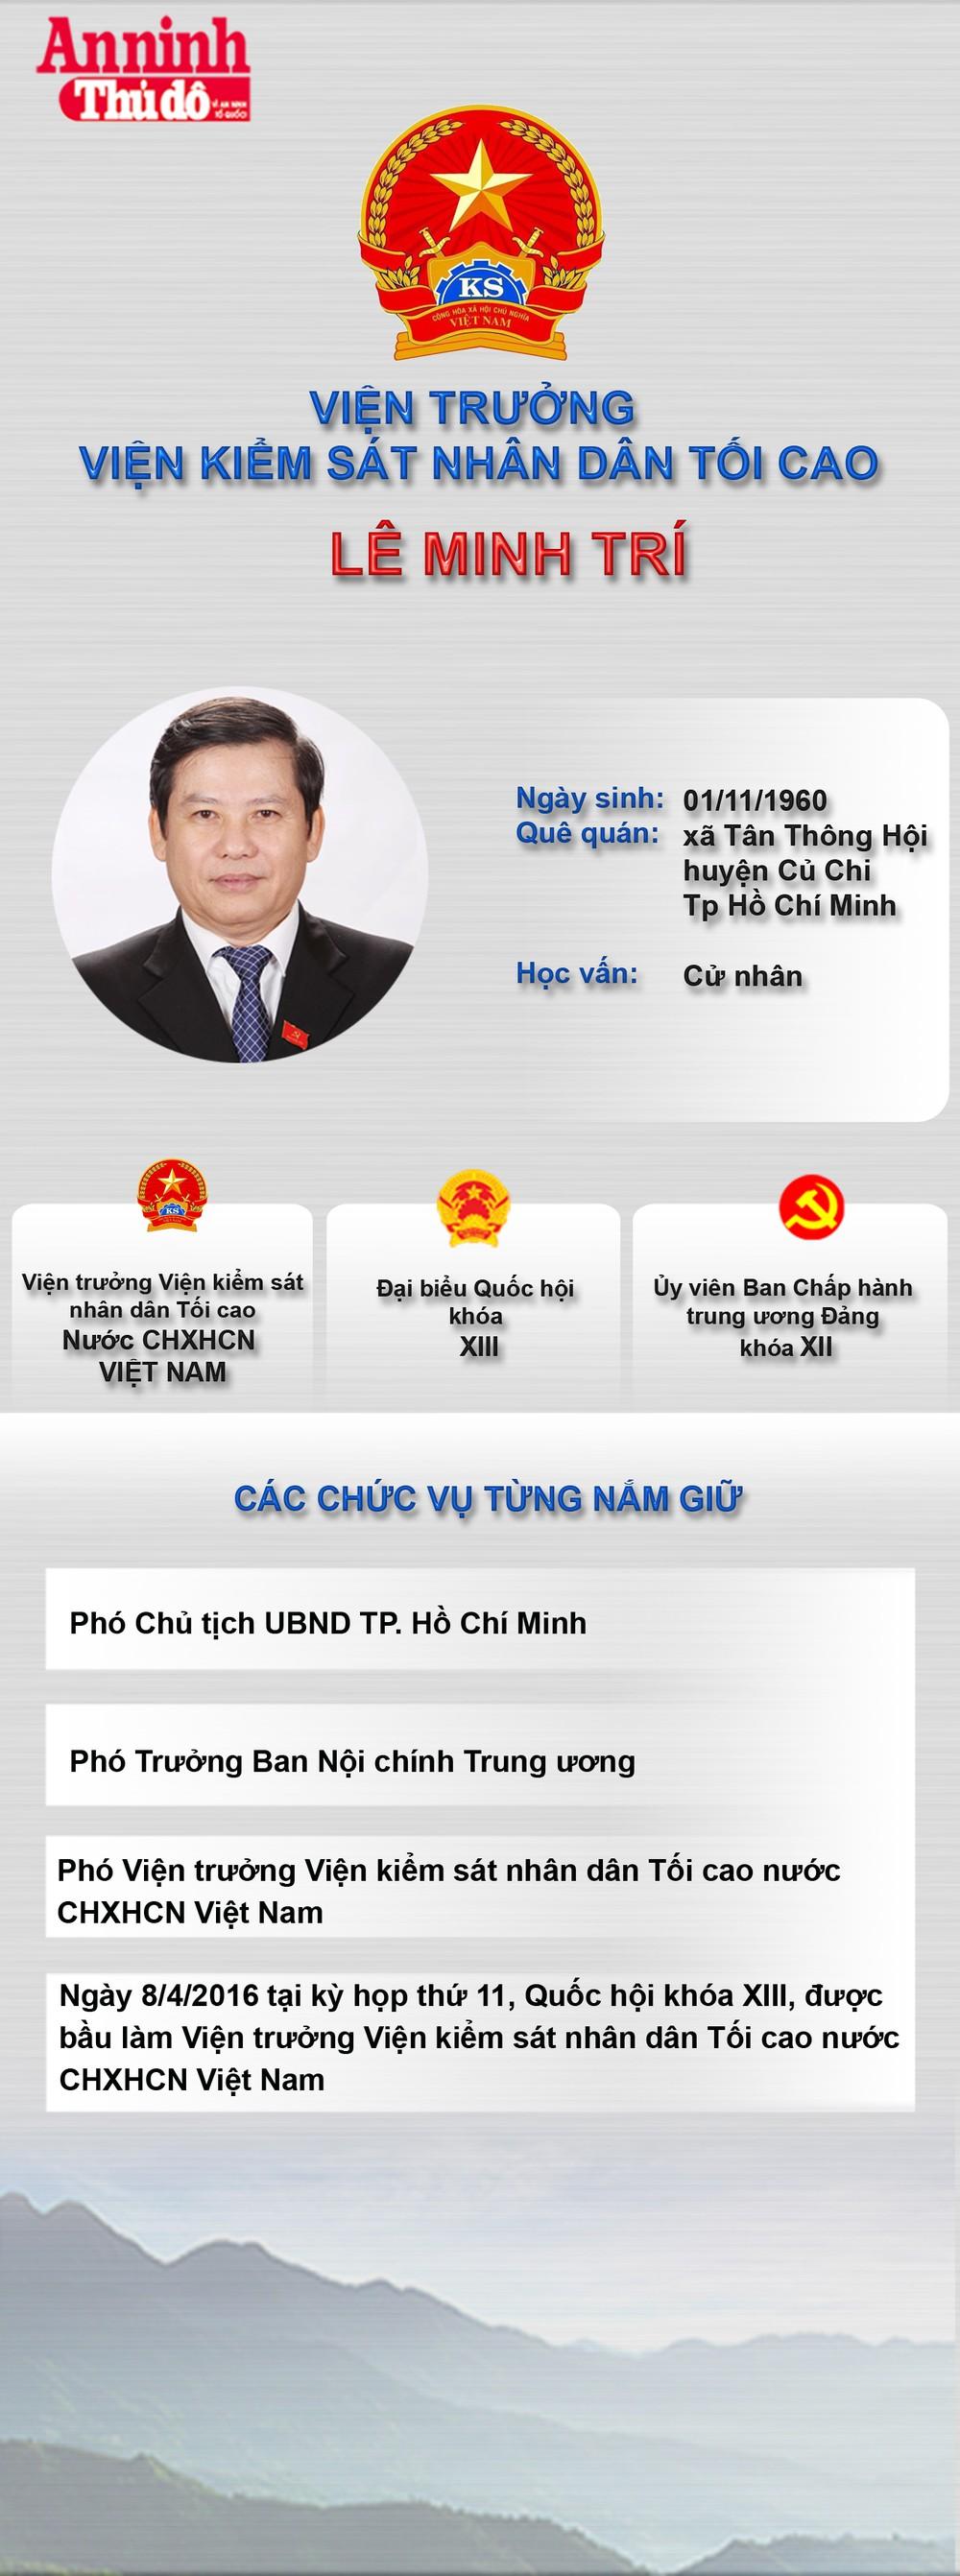 [Infographic] Viện trưởng Viện kiểm sát nhân dân tối cao Lê Minh Trí ảnh 1